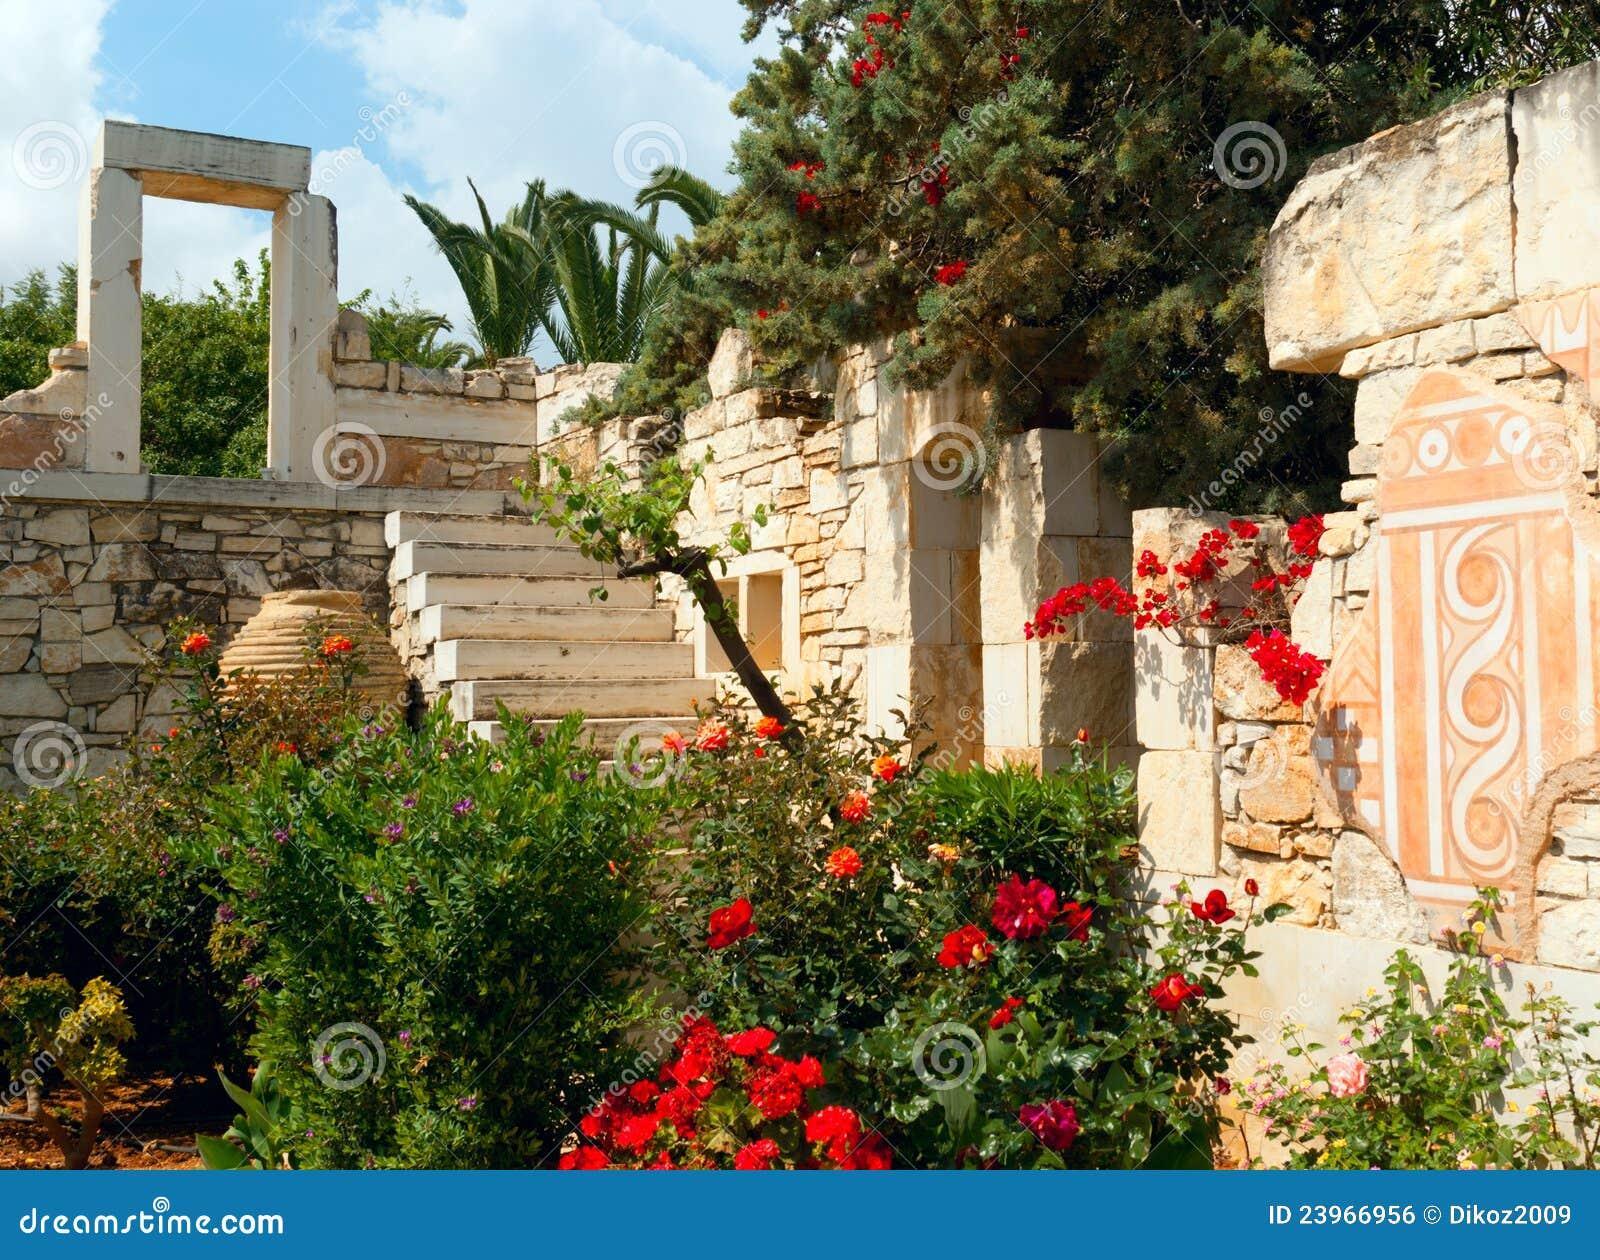 El dise o griego antiguo del estilo en jard n imagen de for Diseno jardin mediterraneo